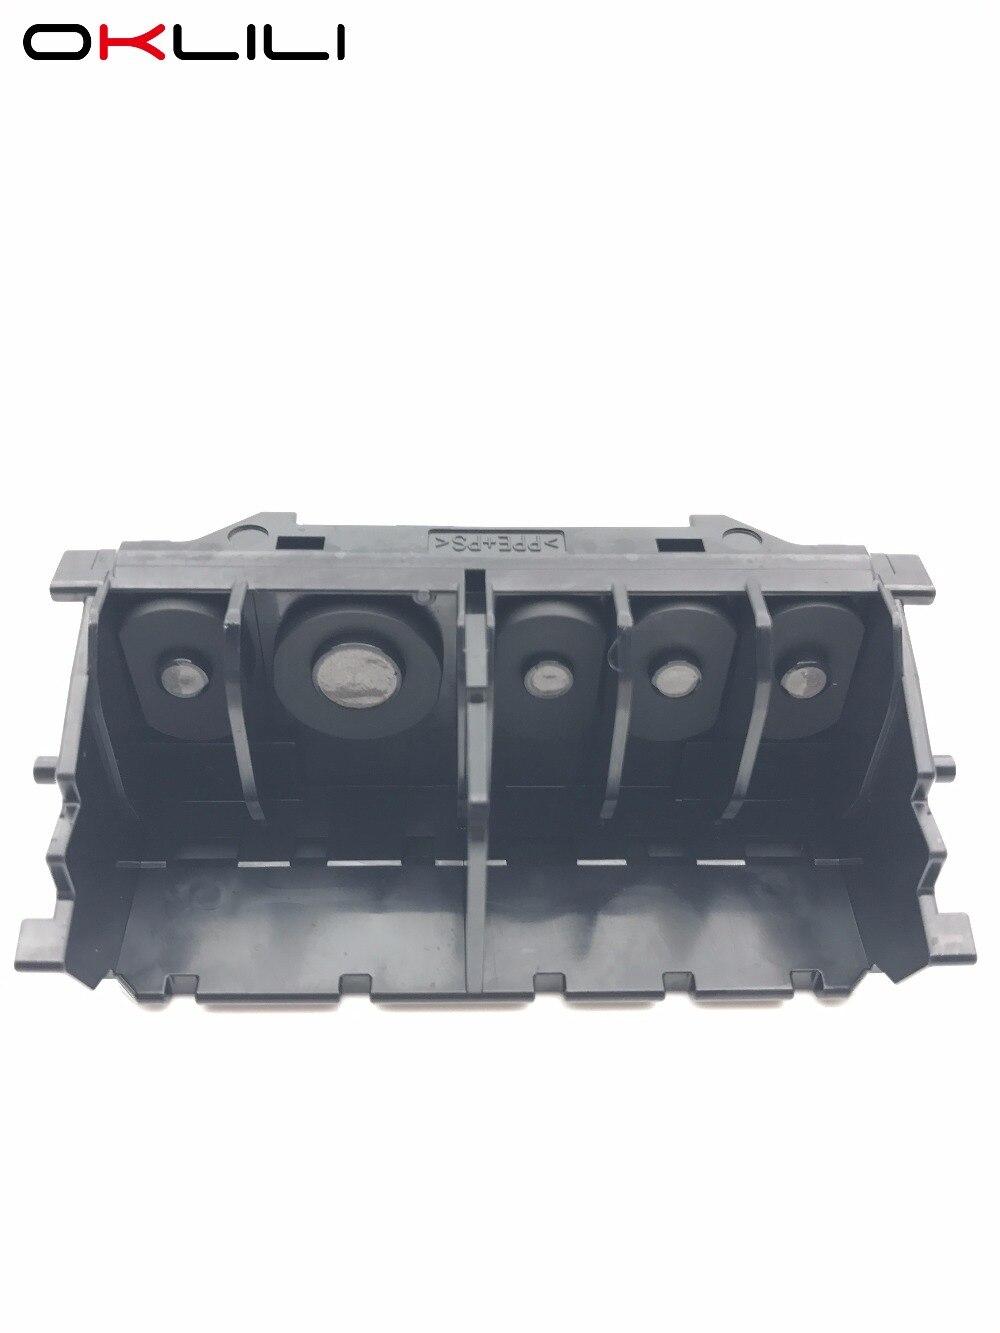 OKLILI QY6 0082 Printhead Printer Print Head for Canon iP7220 iP7250 MG5420 MG5440 MG5450 MG5460 MG5520